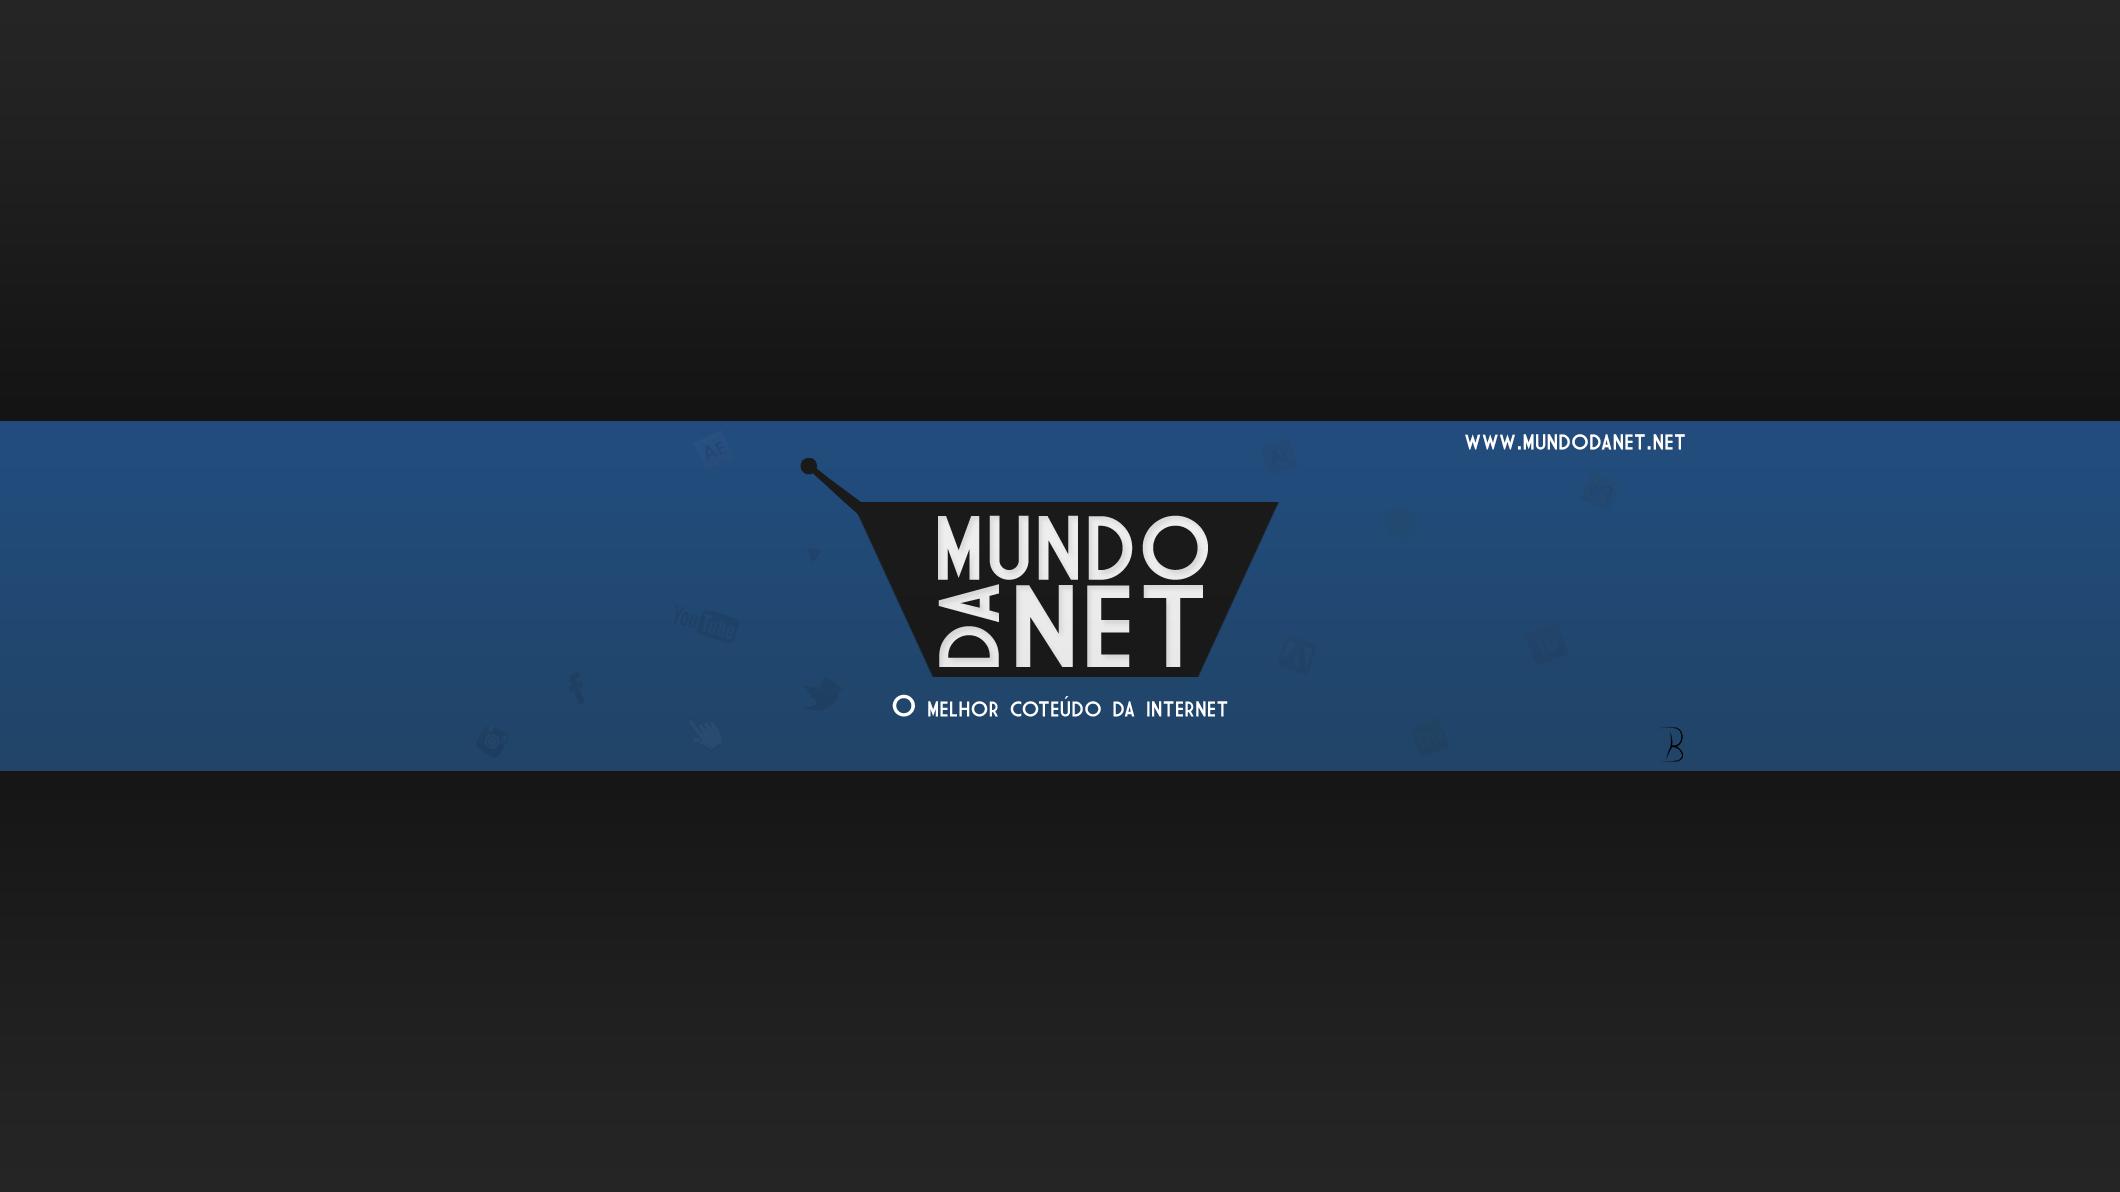 Youtube Banner Mundodanetofc By Brunelhos On Deviantart